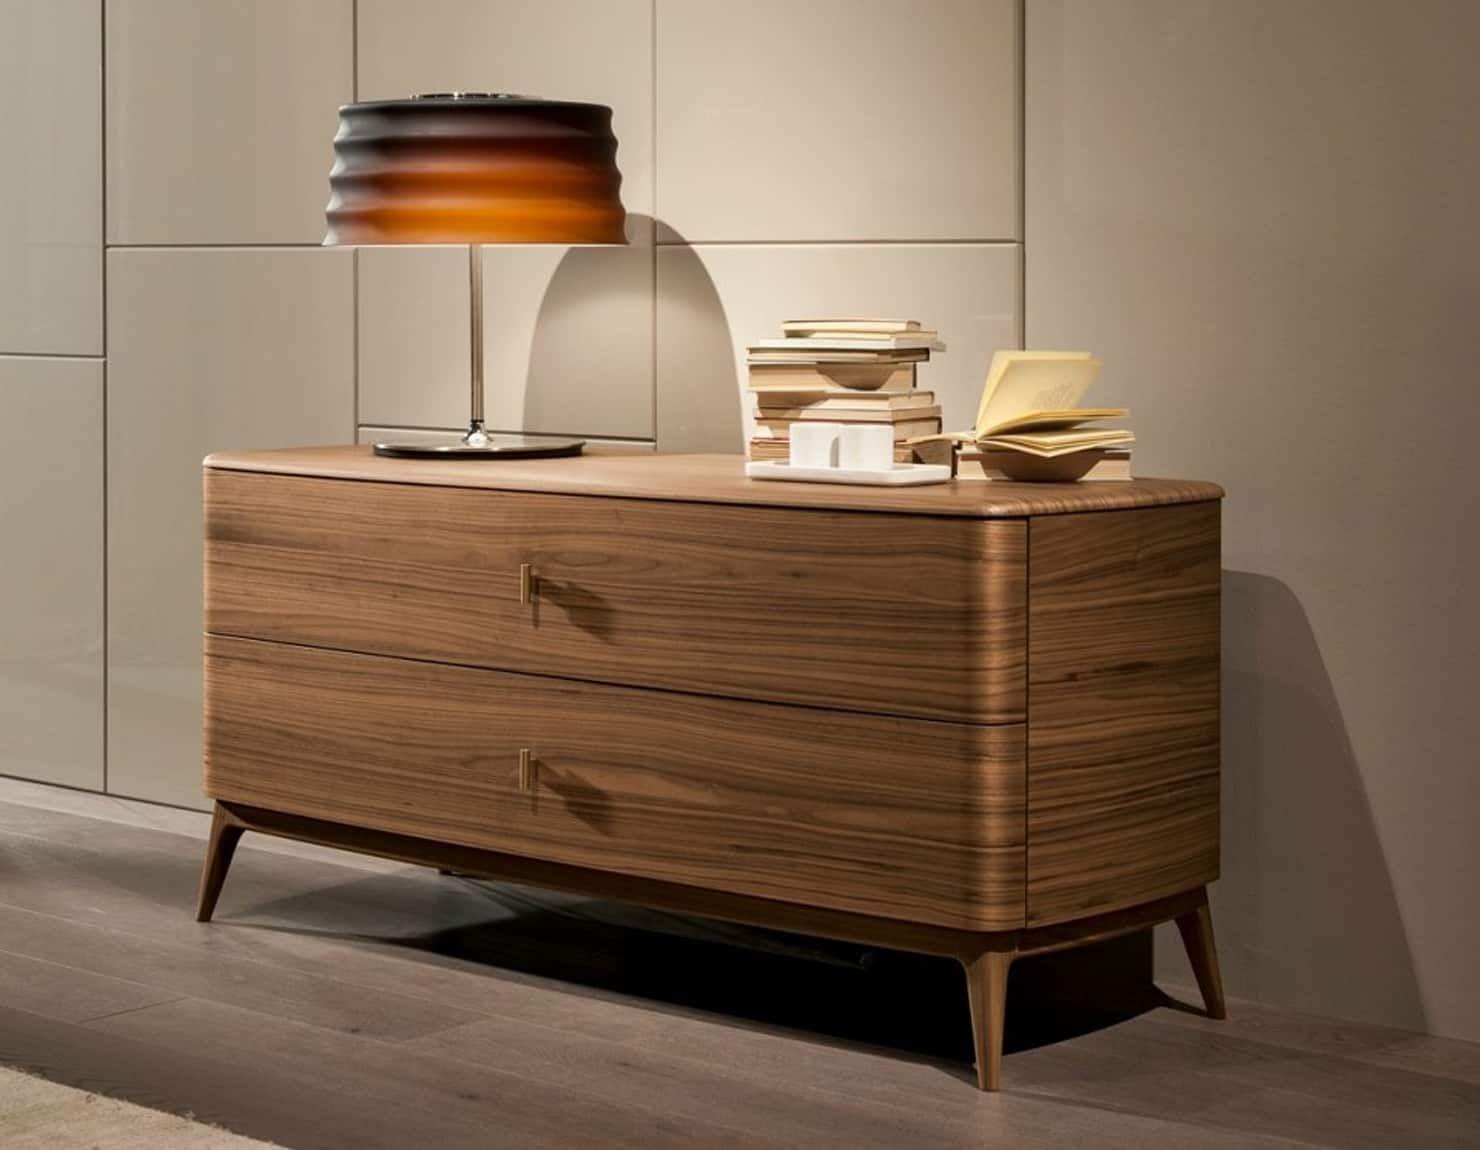 Cómoda indigo de interiors ton sarrà moderno madera maciza